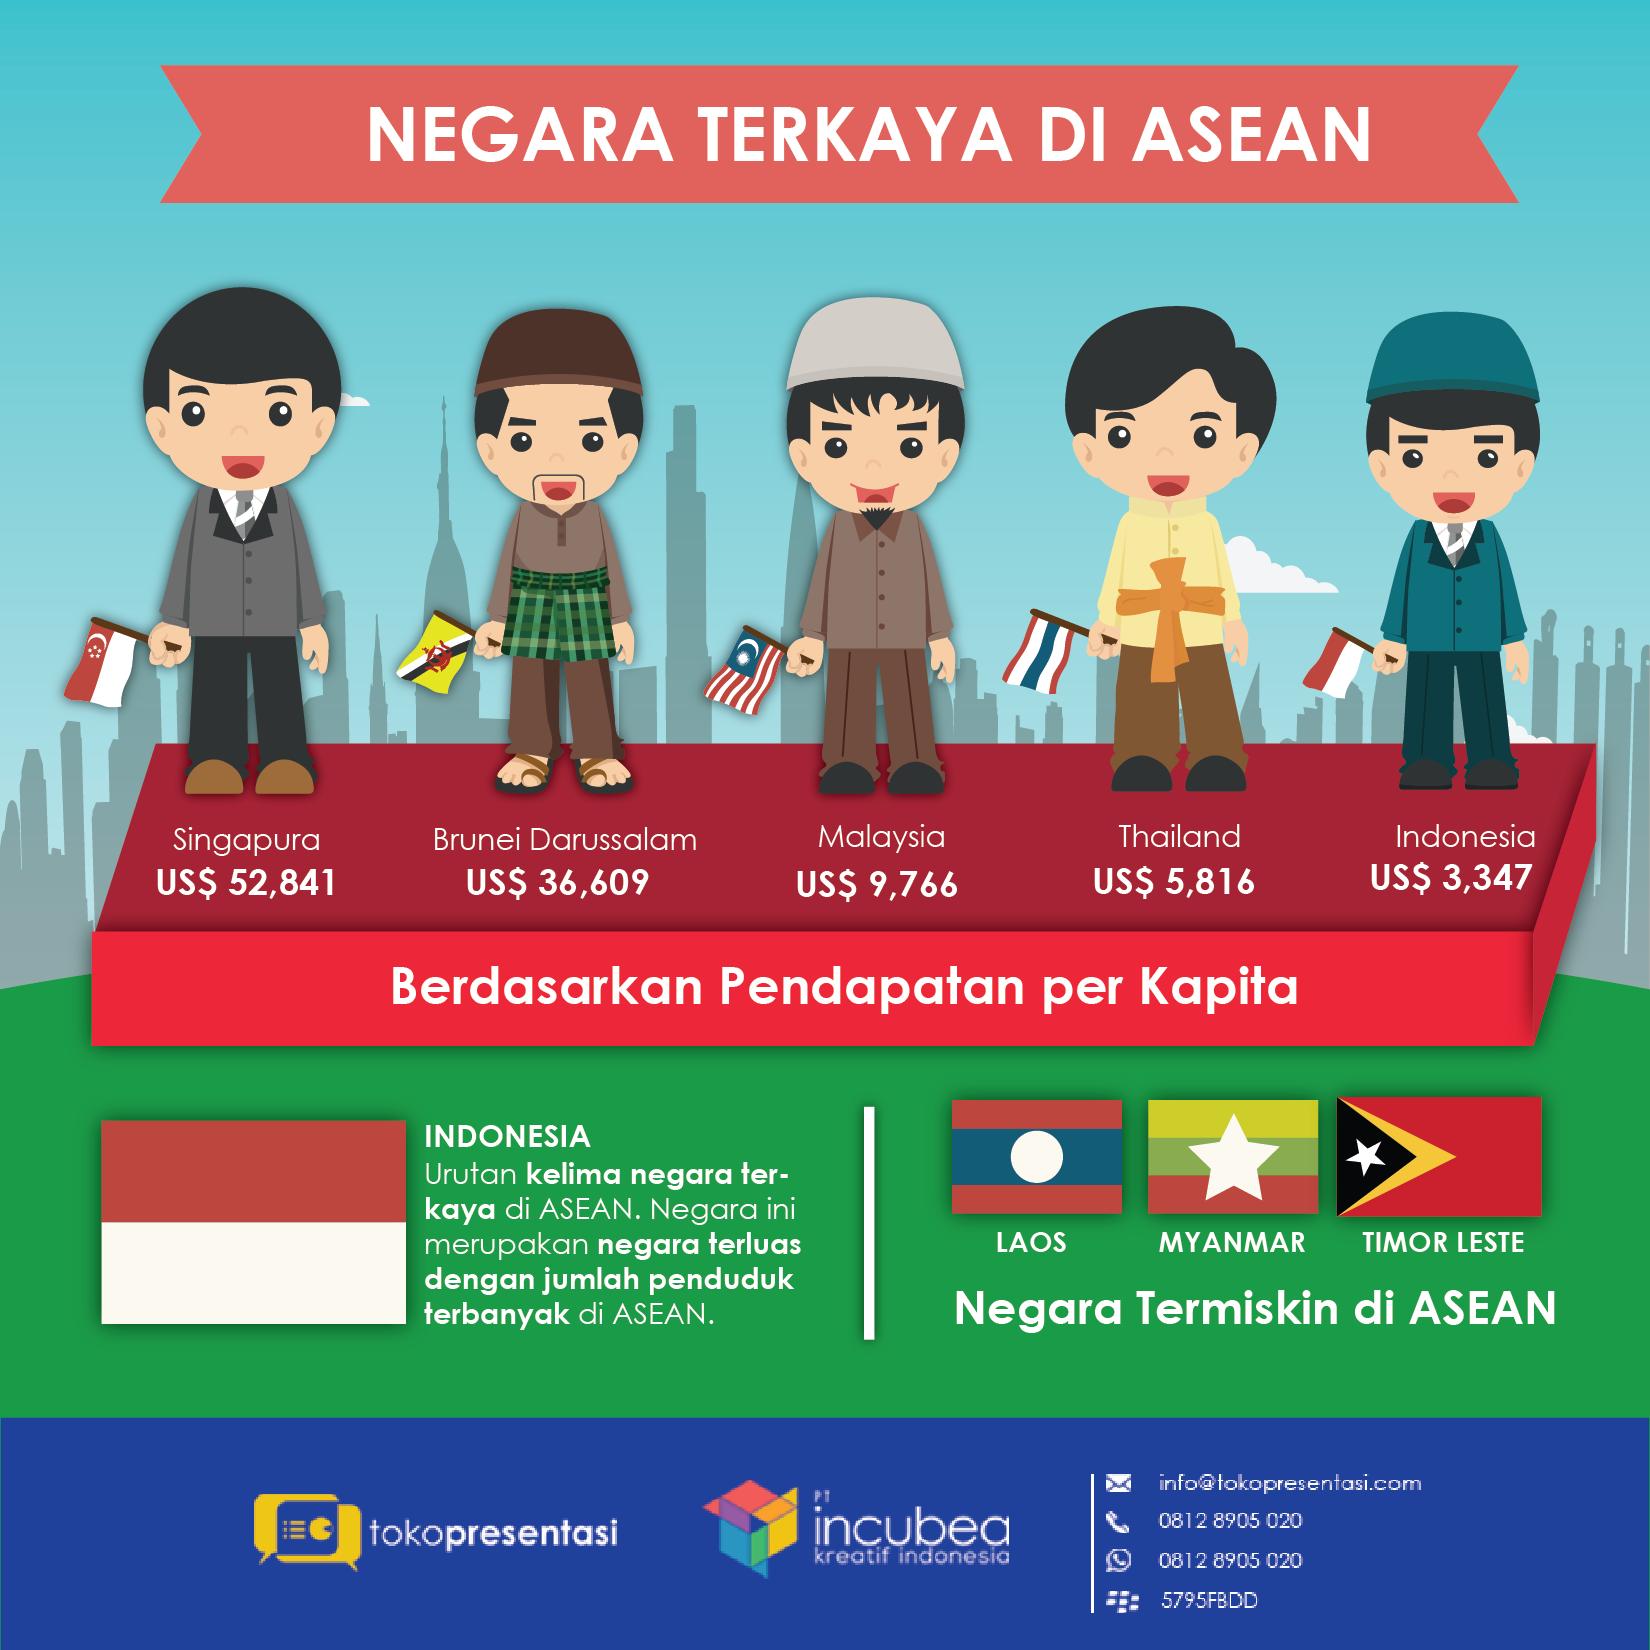 Infografis Negara Terkaya di Asean Tokopresentasi.com